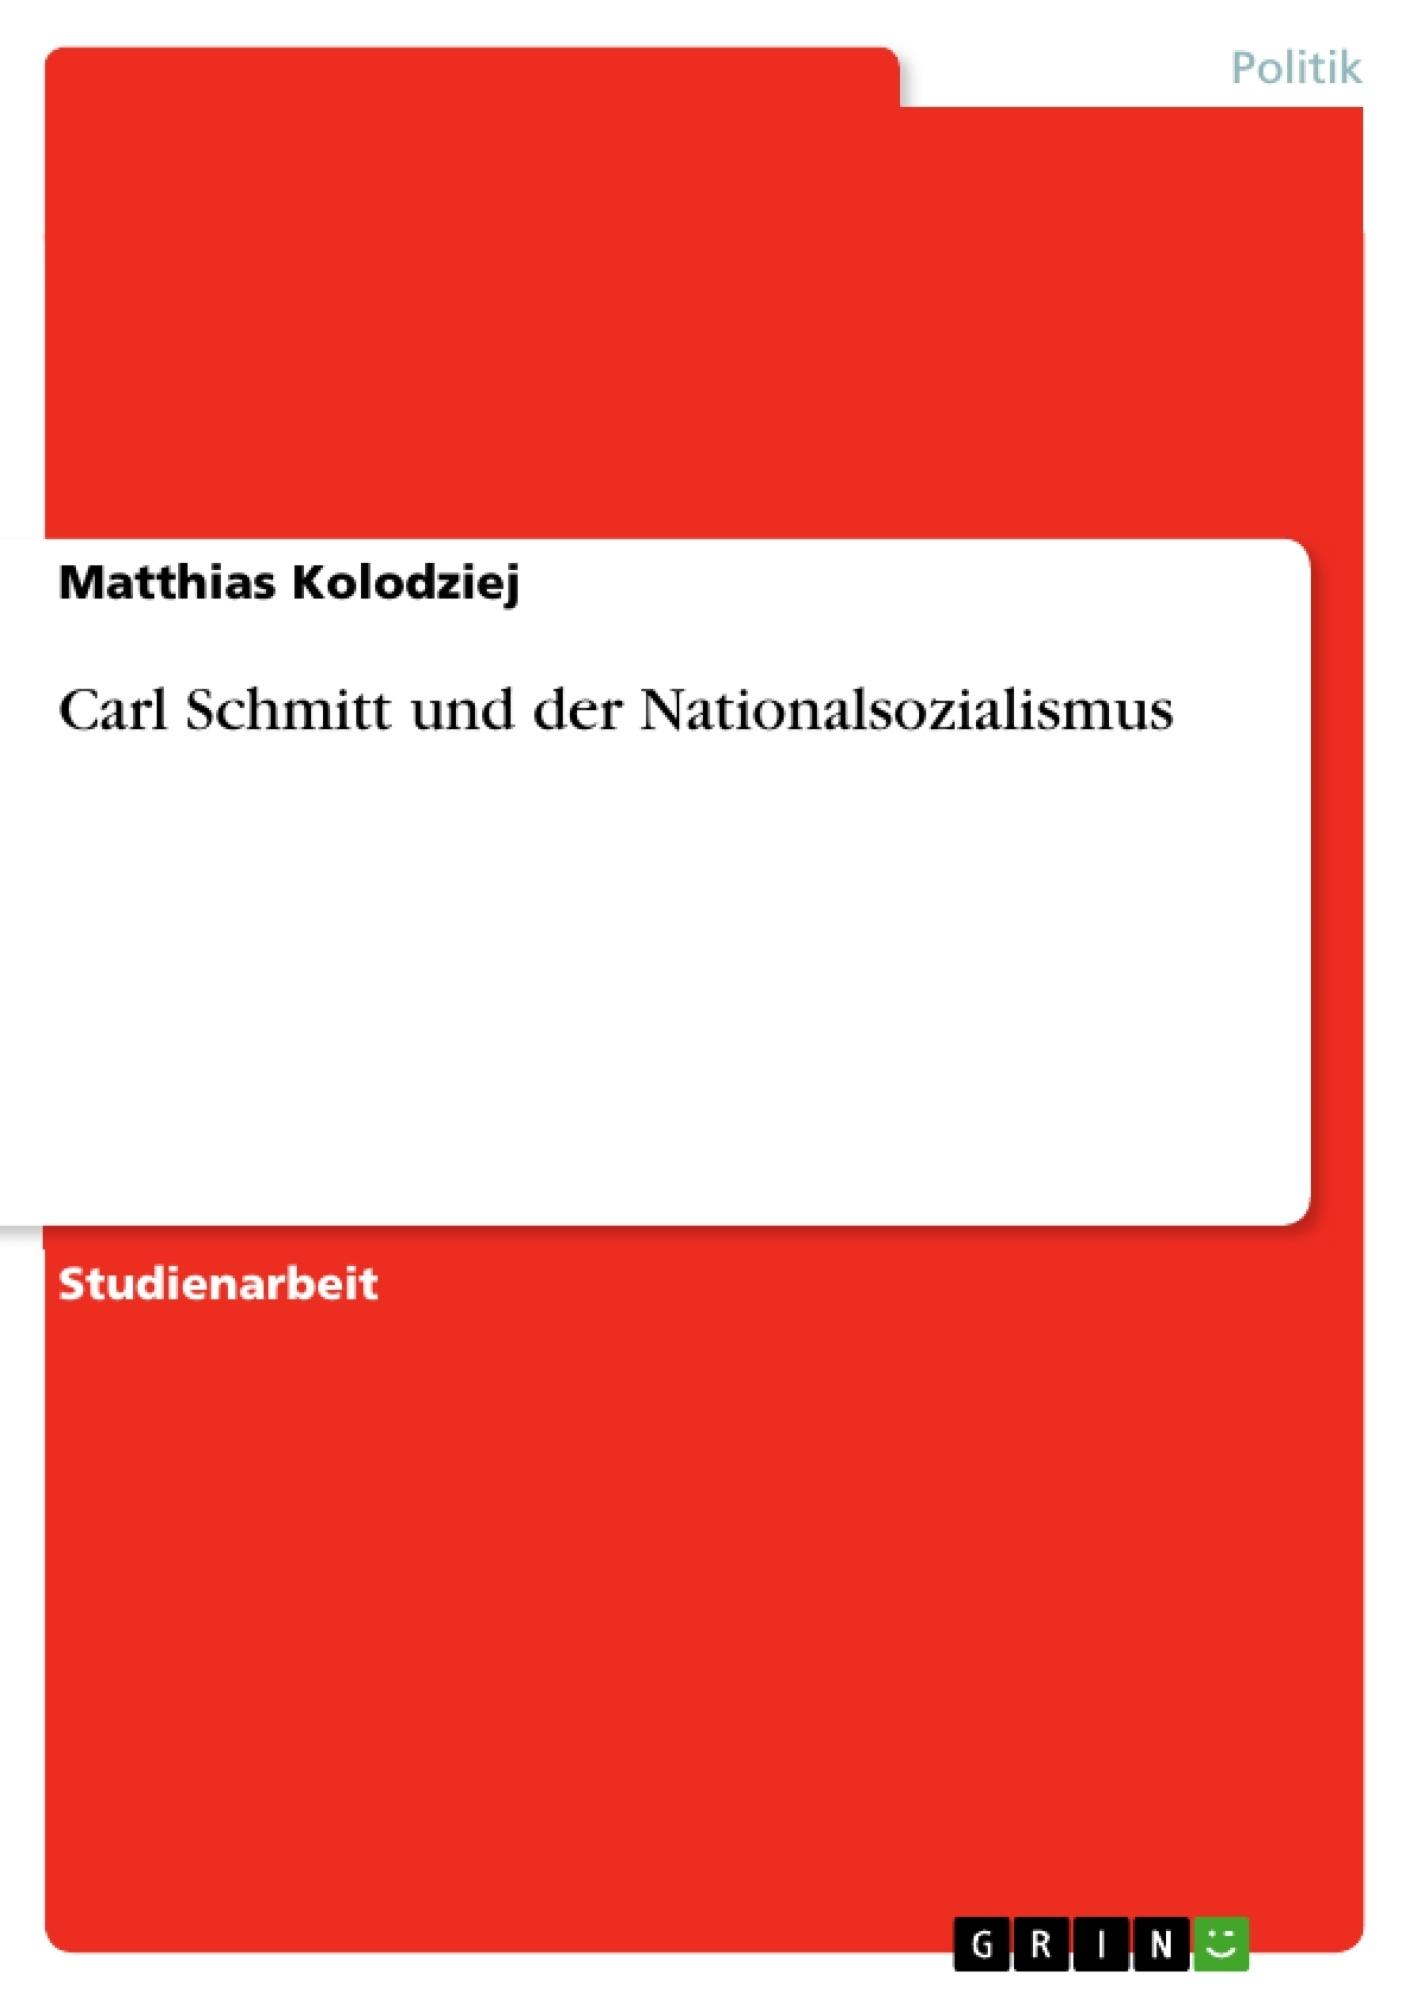 Titel: Carl Schmitt und der Nationalsozialismus